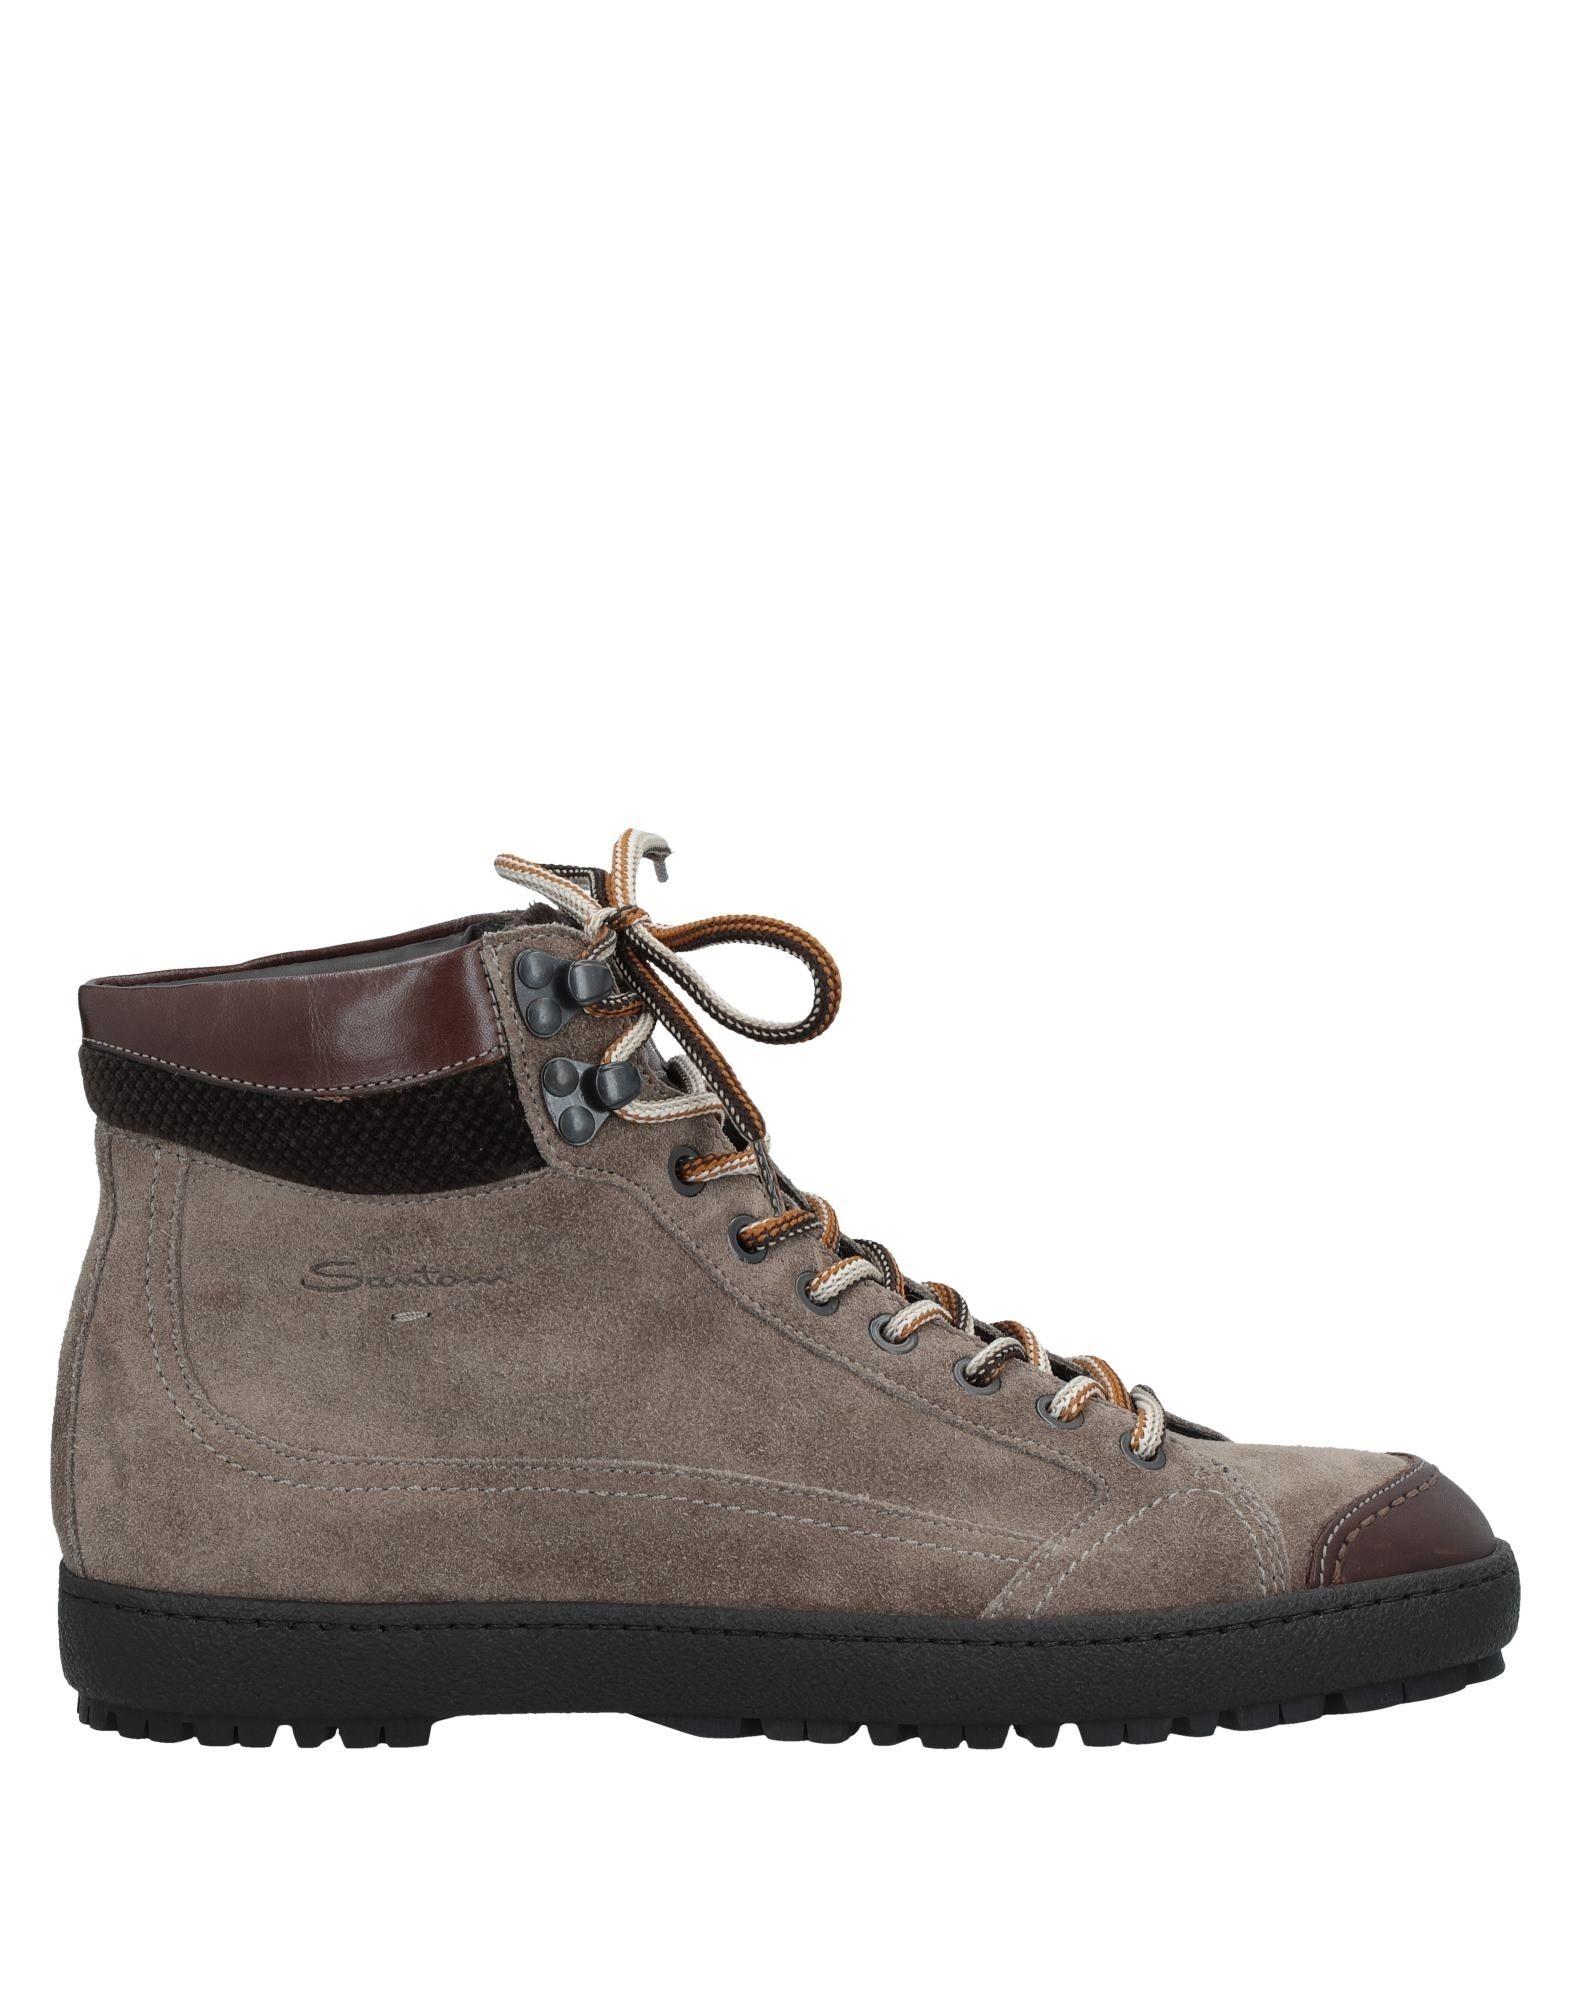 Santoni Sneakers Herren  11533857CS Gute Qualität beliebte Schuhe